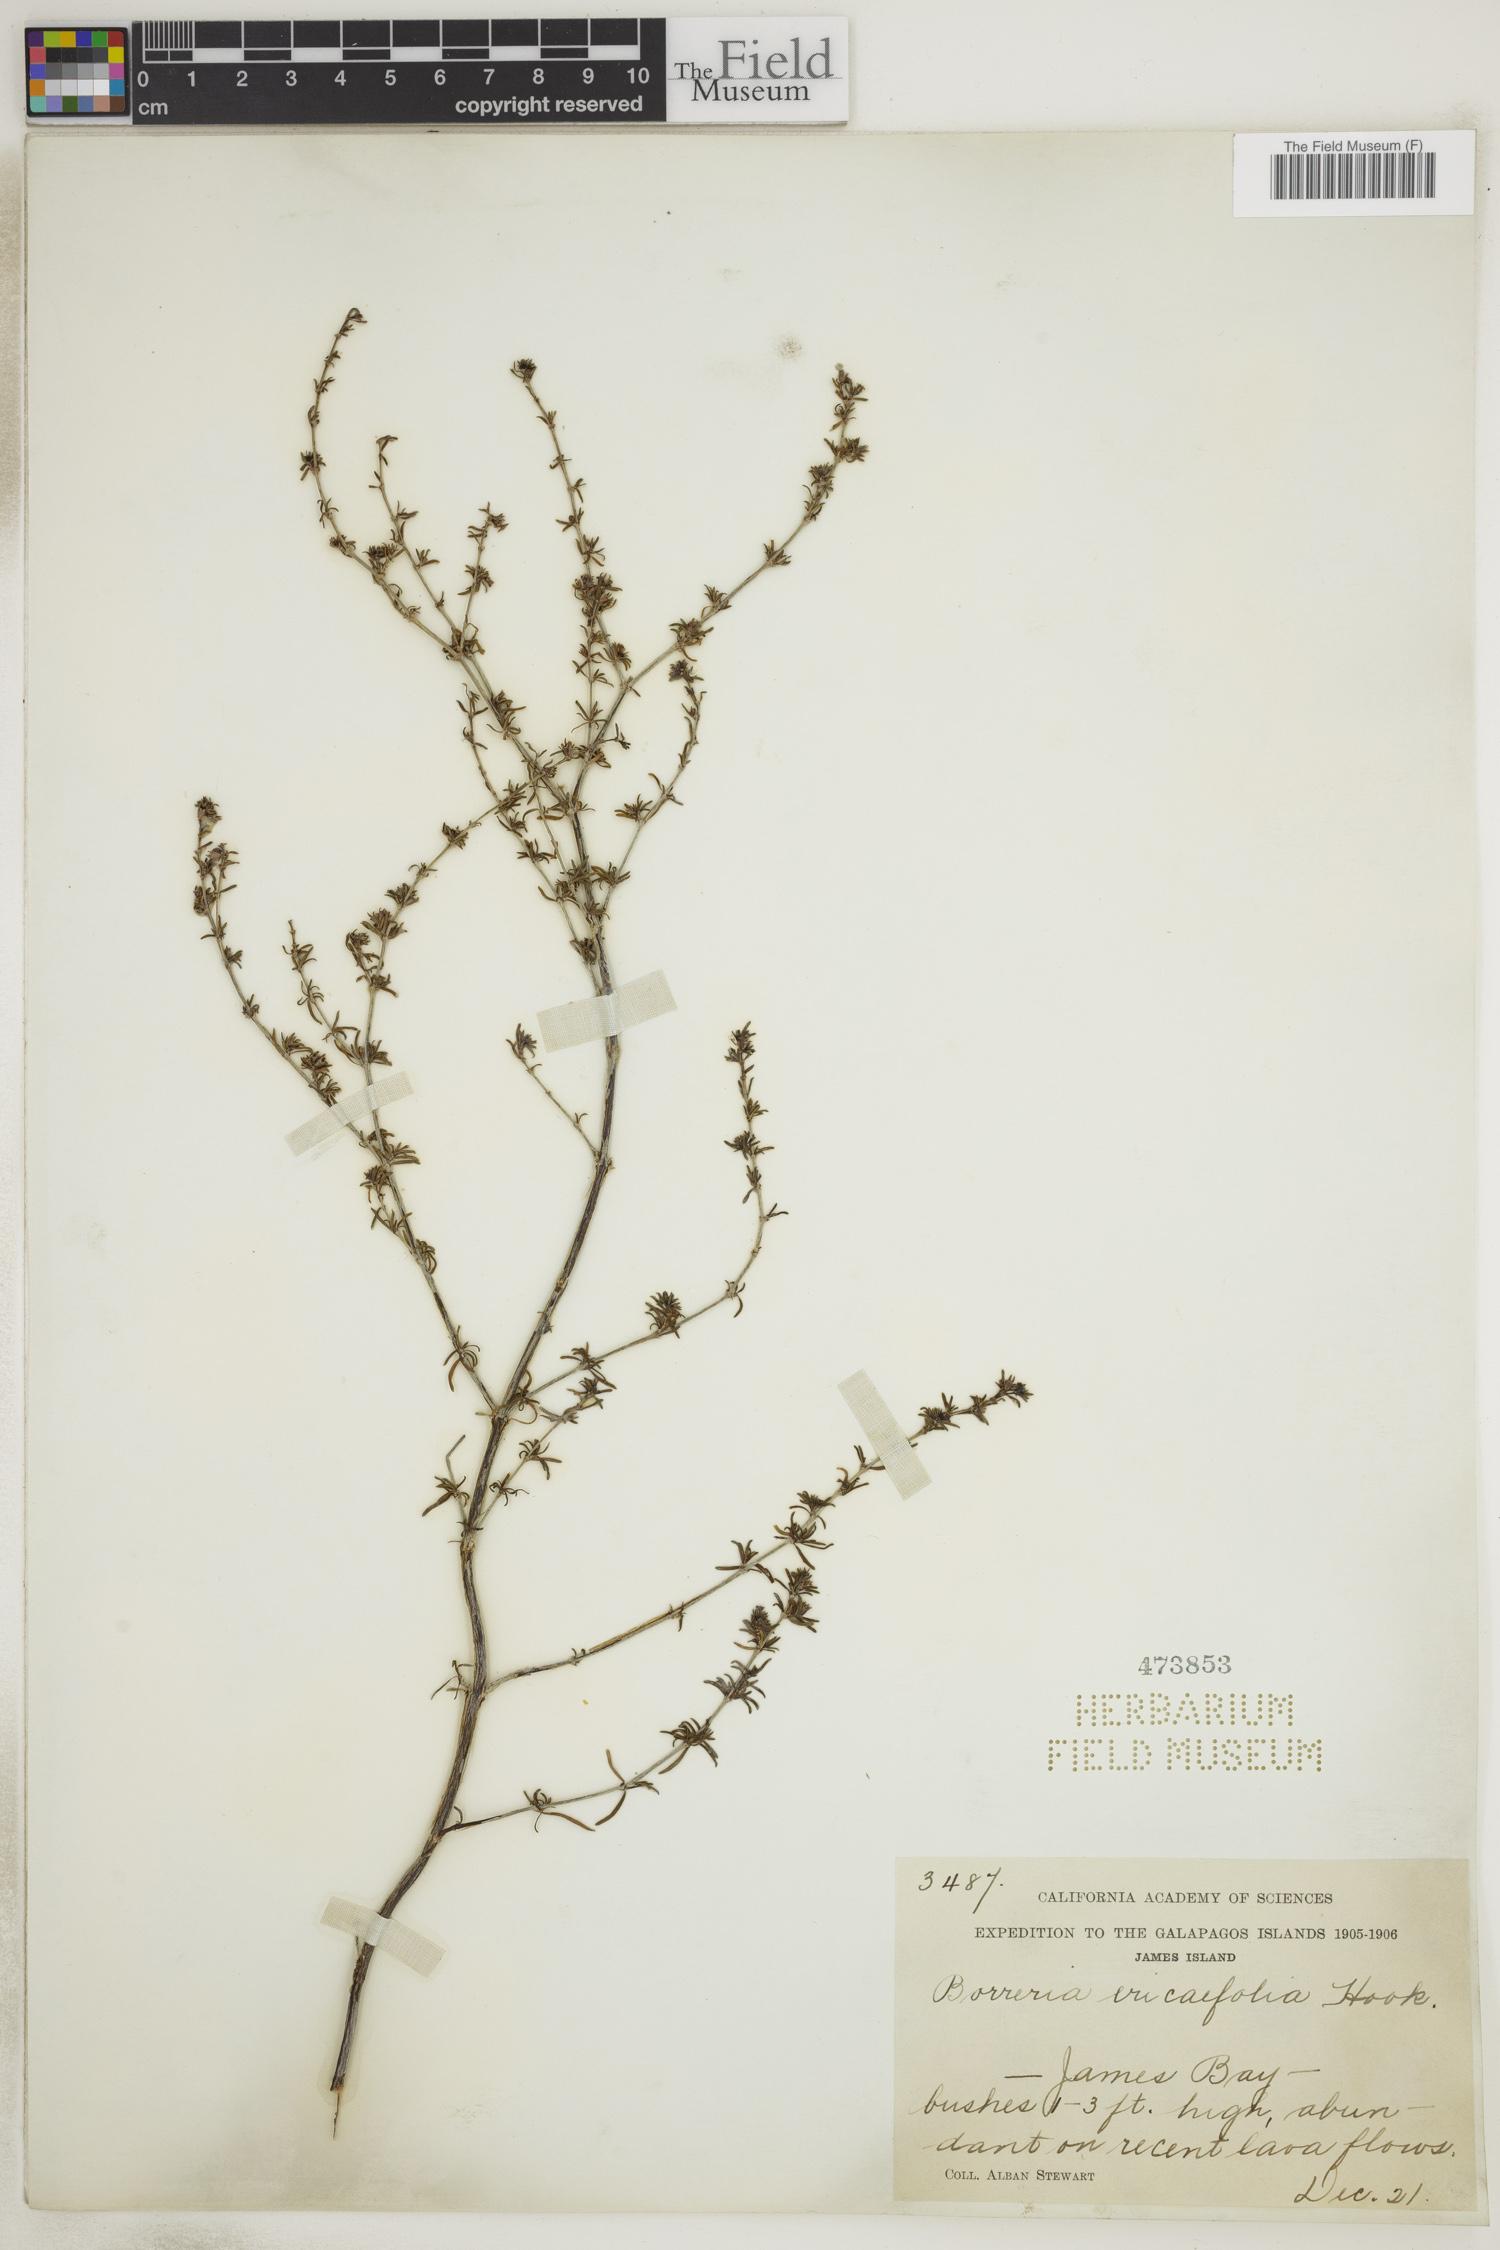 Borreria ericaefolia image